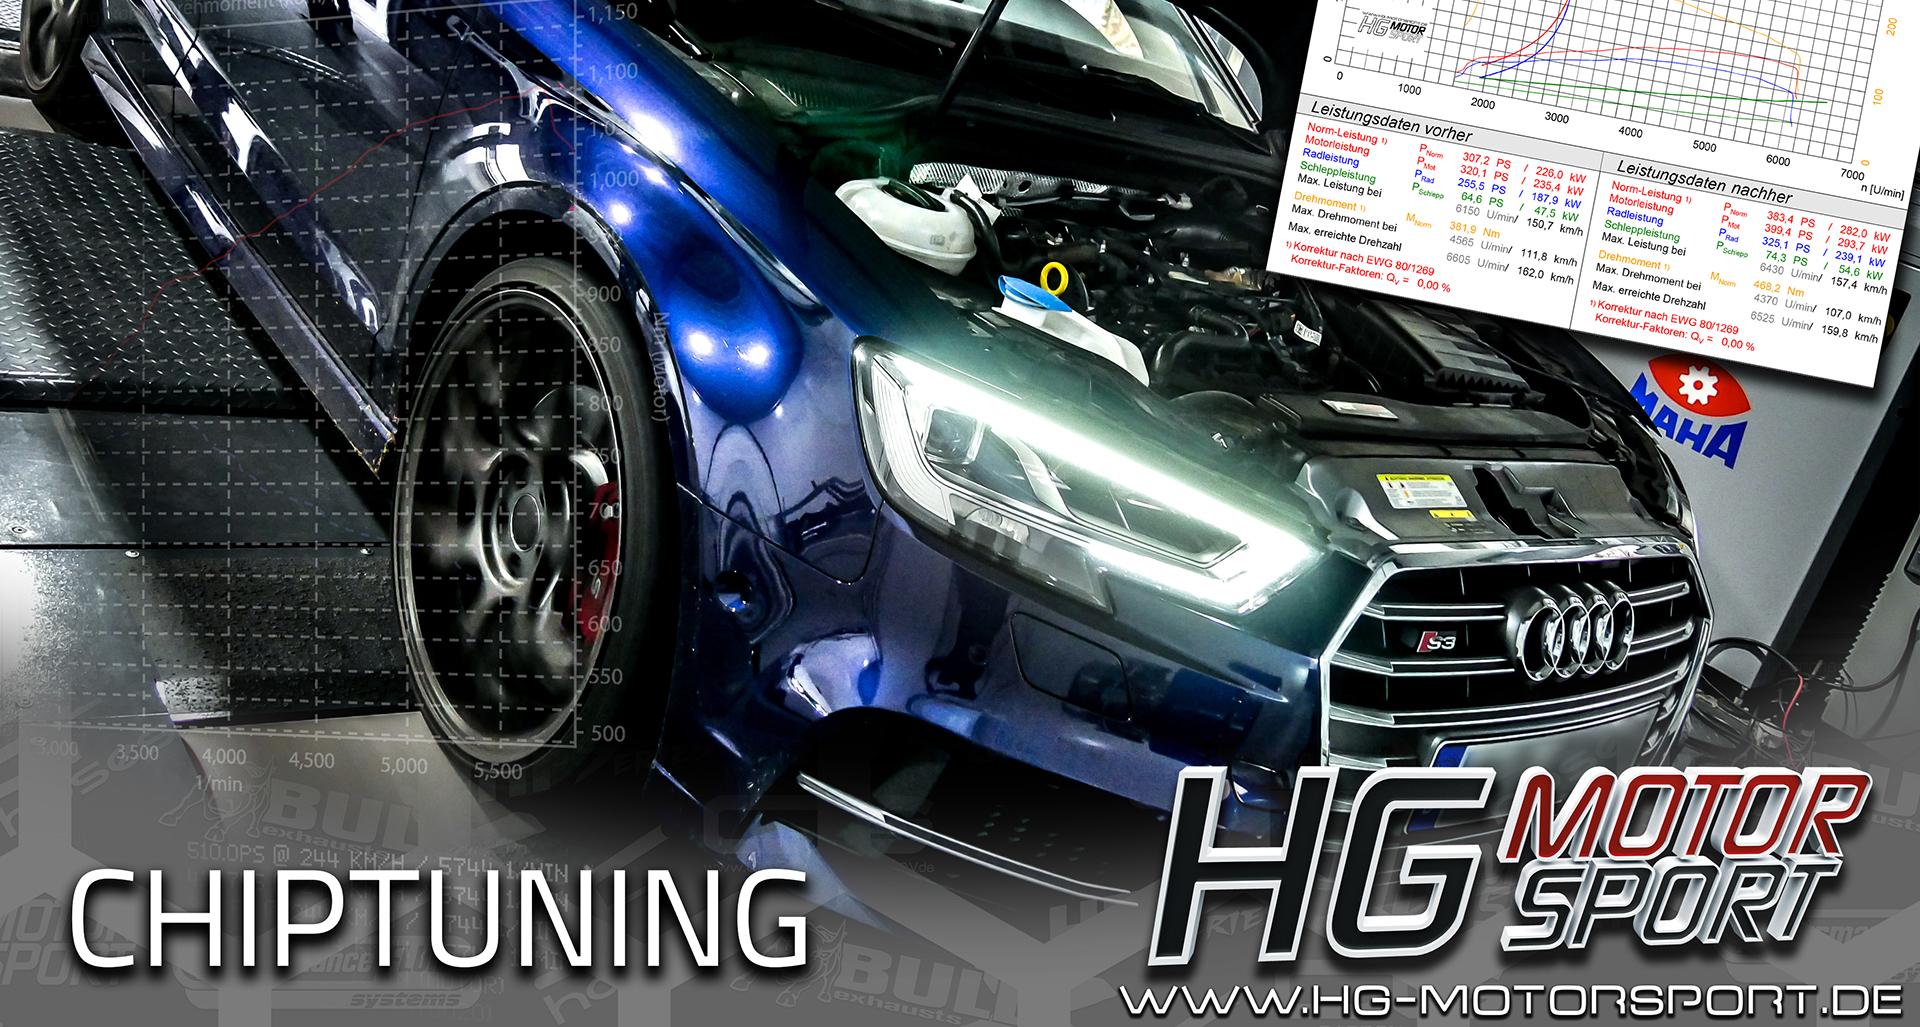 HG-Motorsport Chiptuning